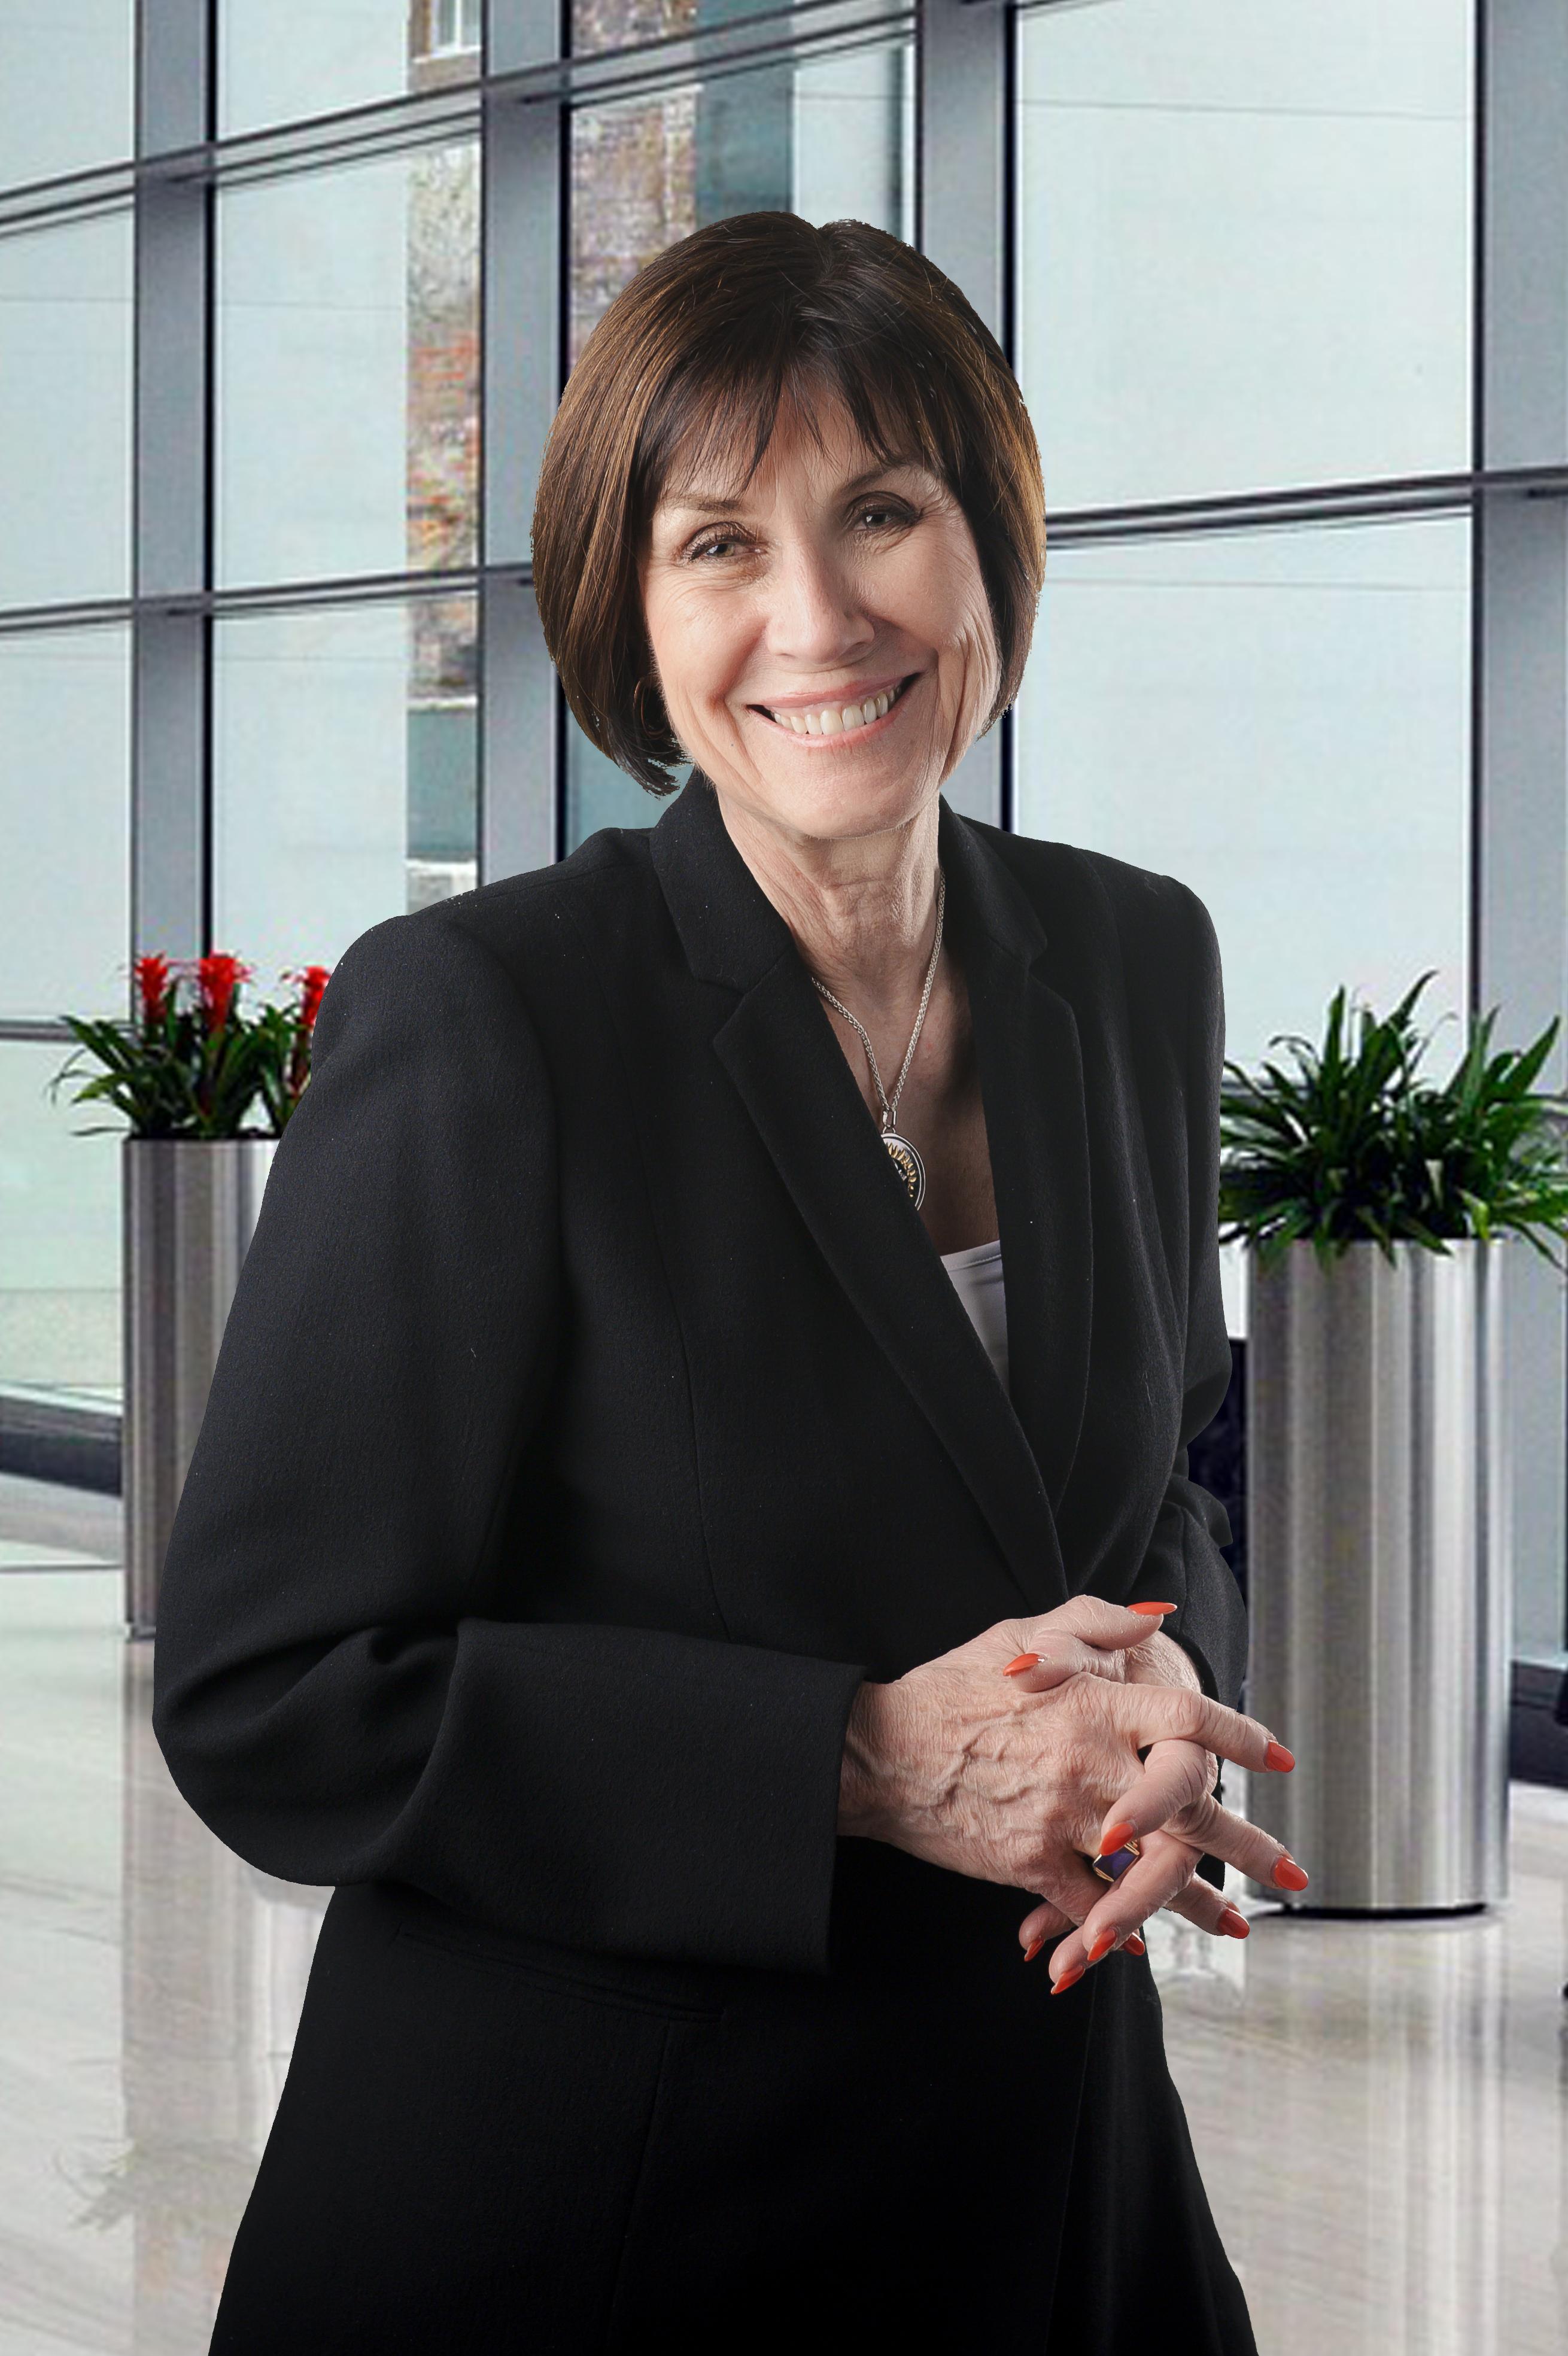 Joanne Elek, Finance Recruiter